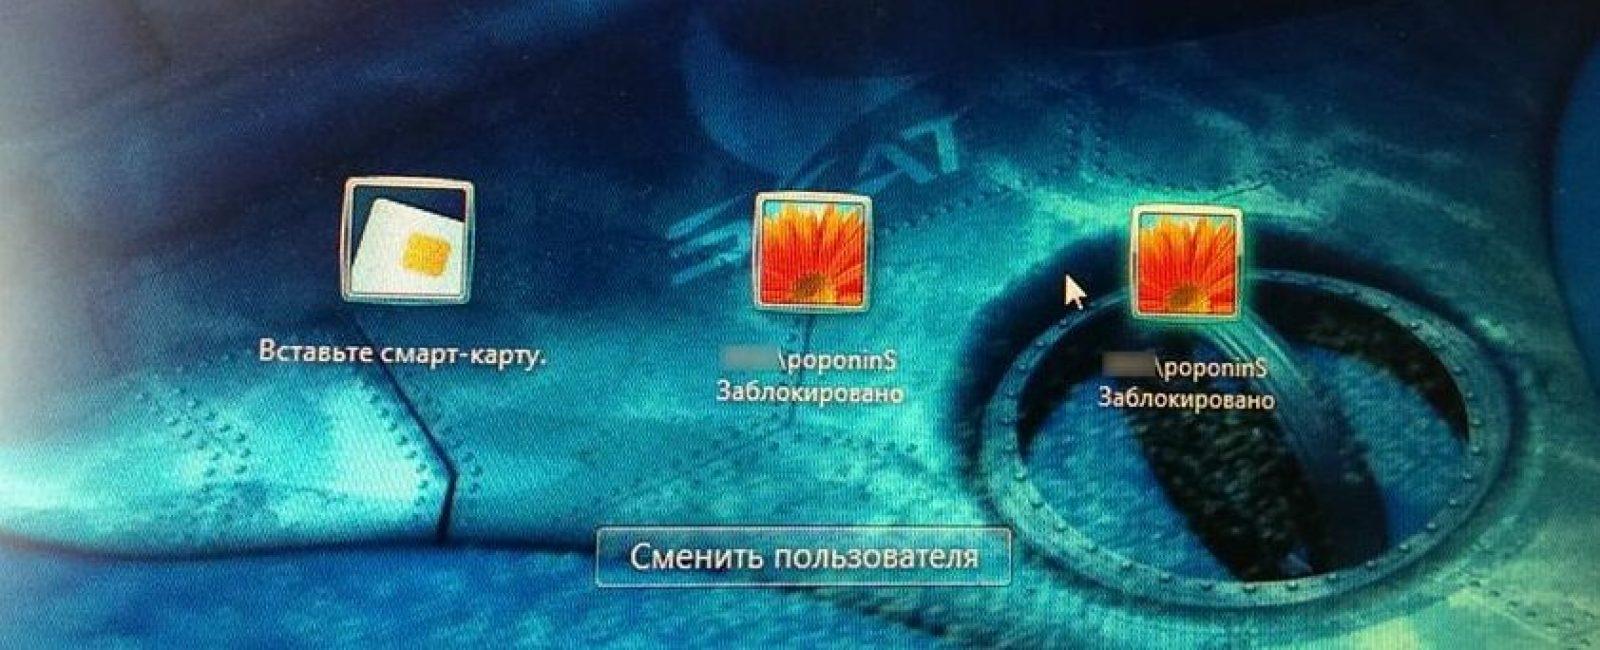 Простая инструкция как добавить пользователя в Windows 10 и удалить ненужного